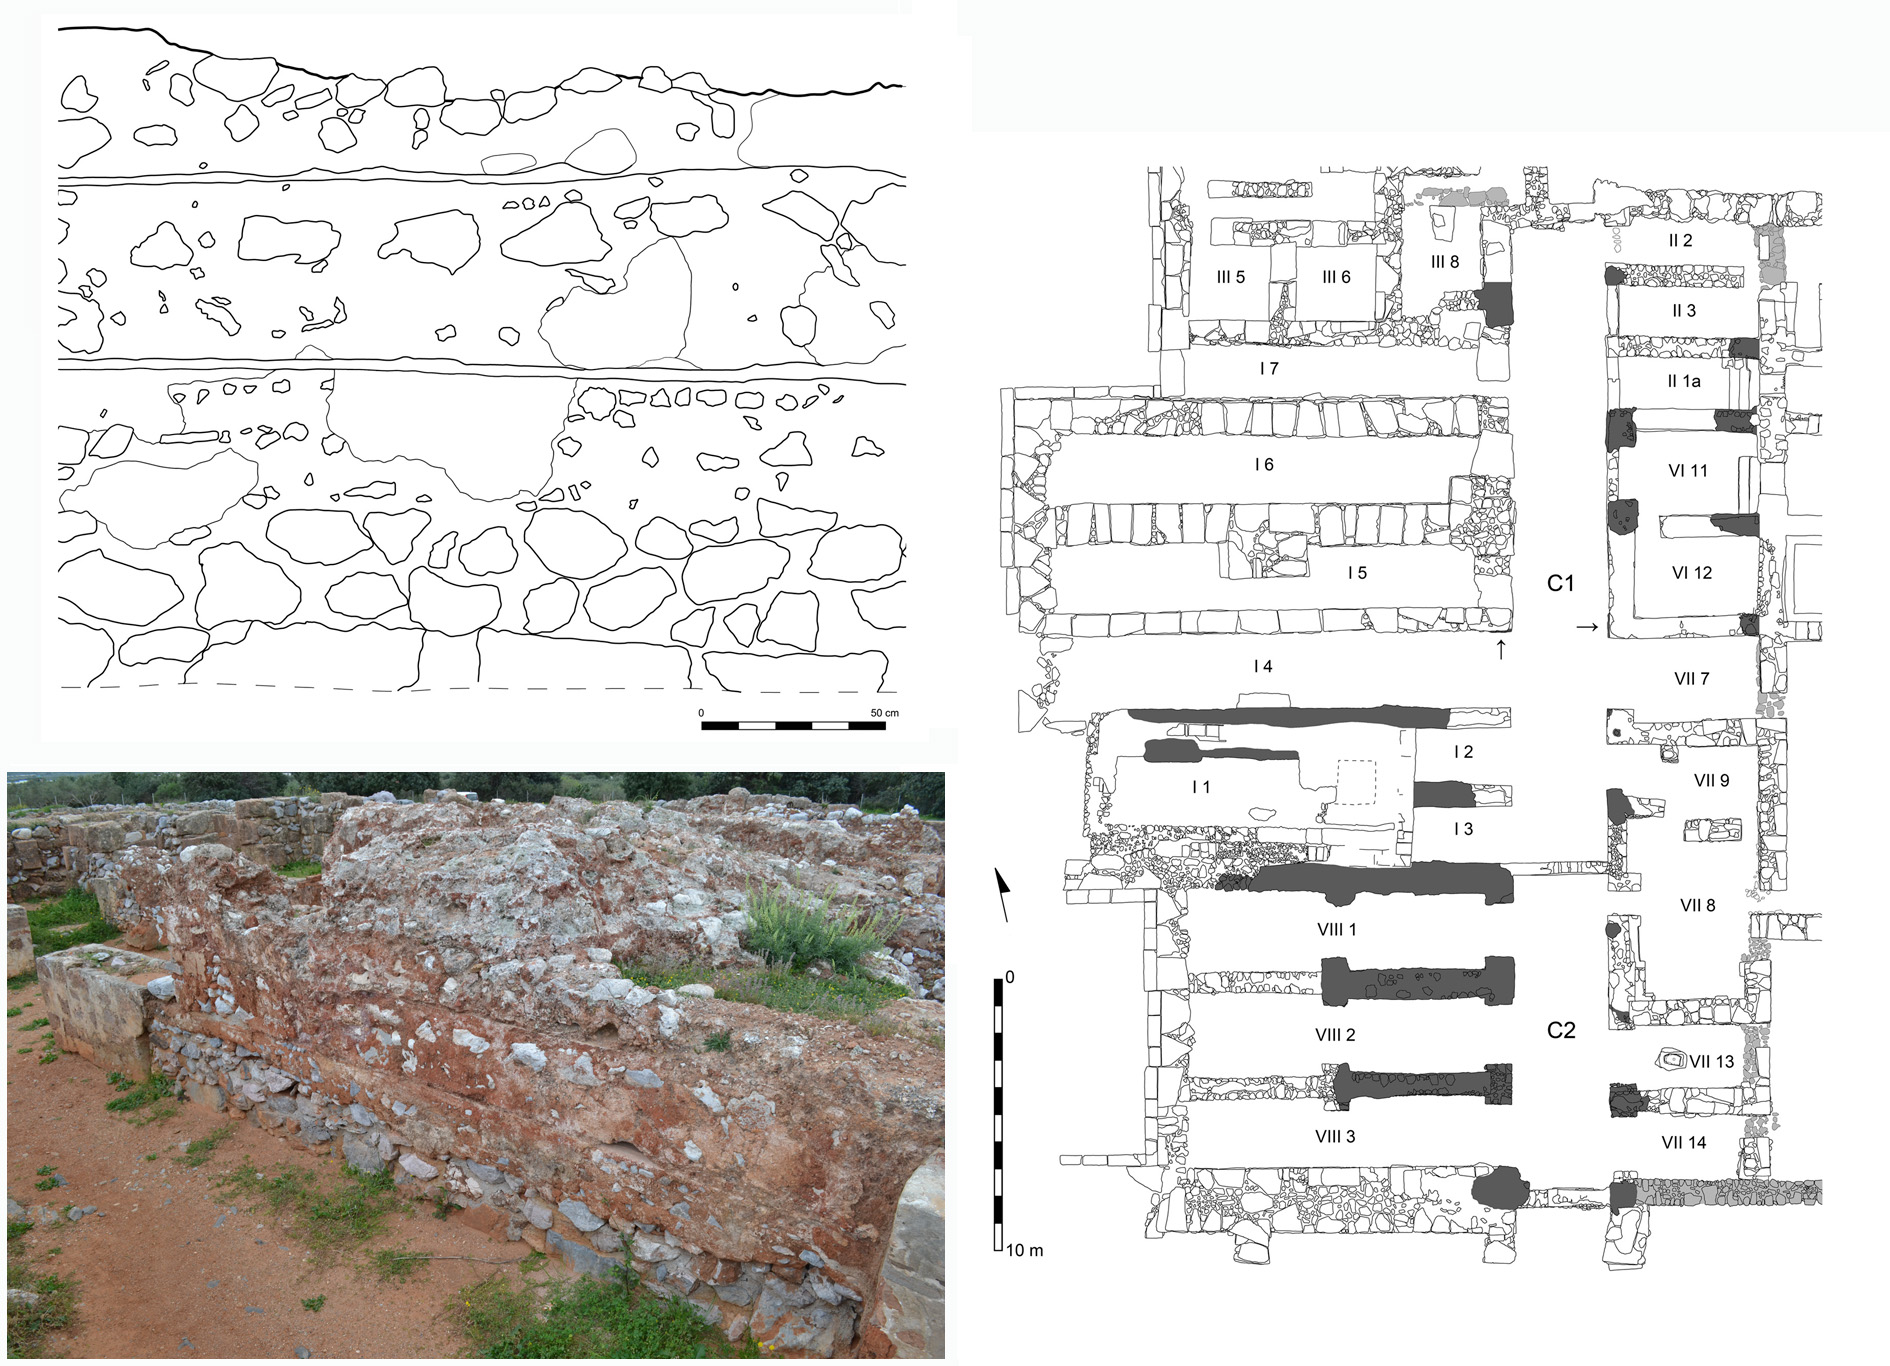 Figure 4. Relevé et vue d'un mur protopalatial en couches superposées de blocage (gauche) et plan des 'Magasins Ouest' du Palais avec la localisation de ces mêmes murs en gris foncé (droite) (M. Devolder et K. Papachrysanthou) ©EFA